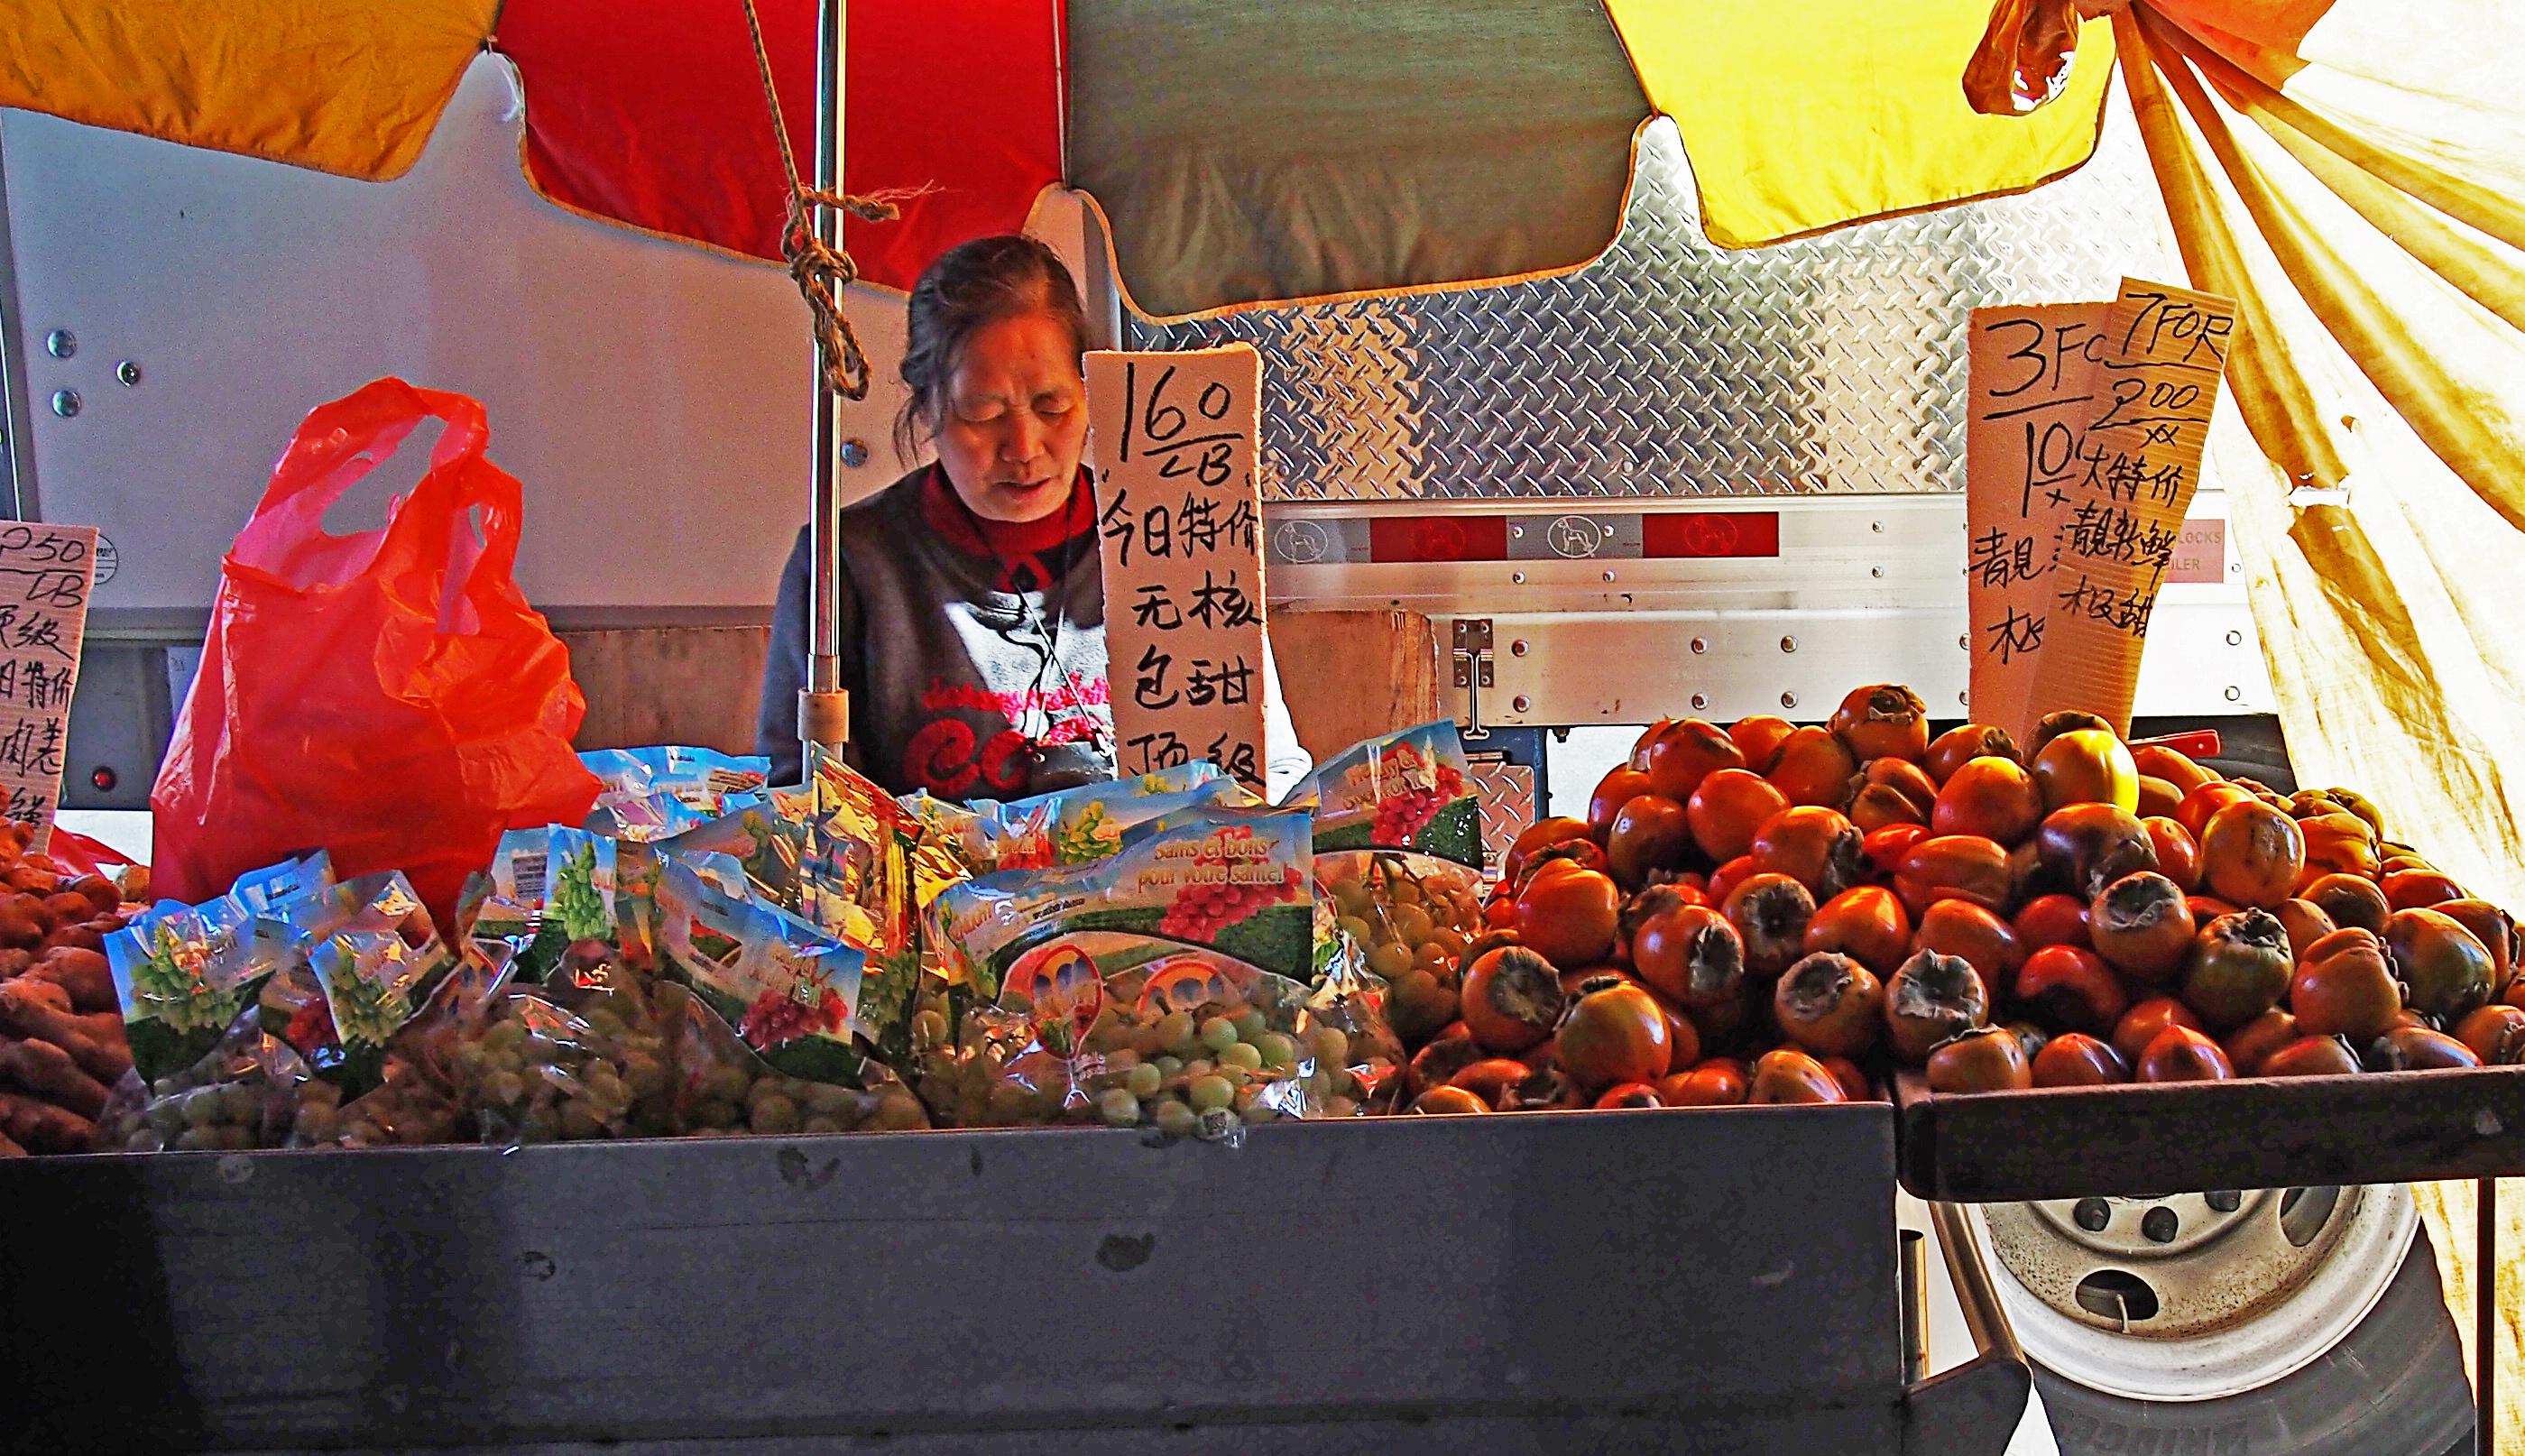 Chinatown persimmons.